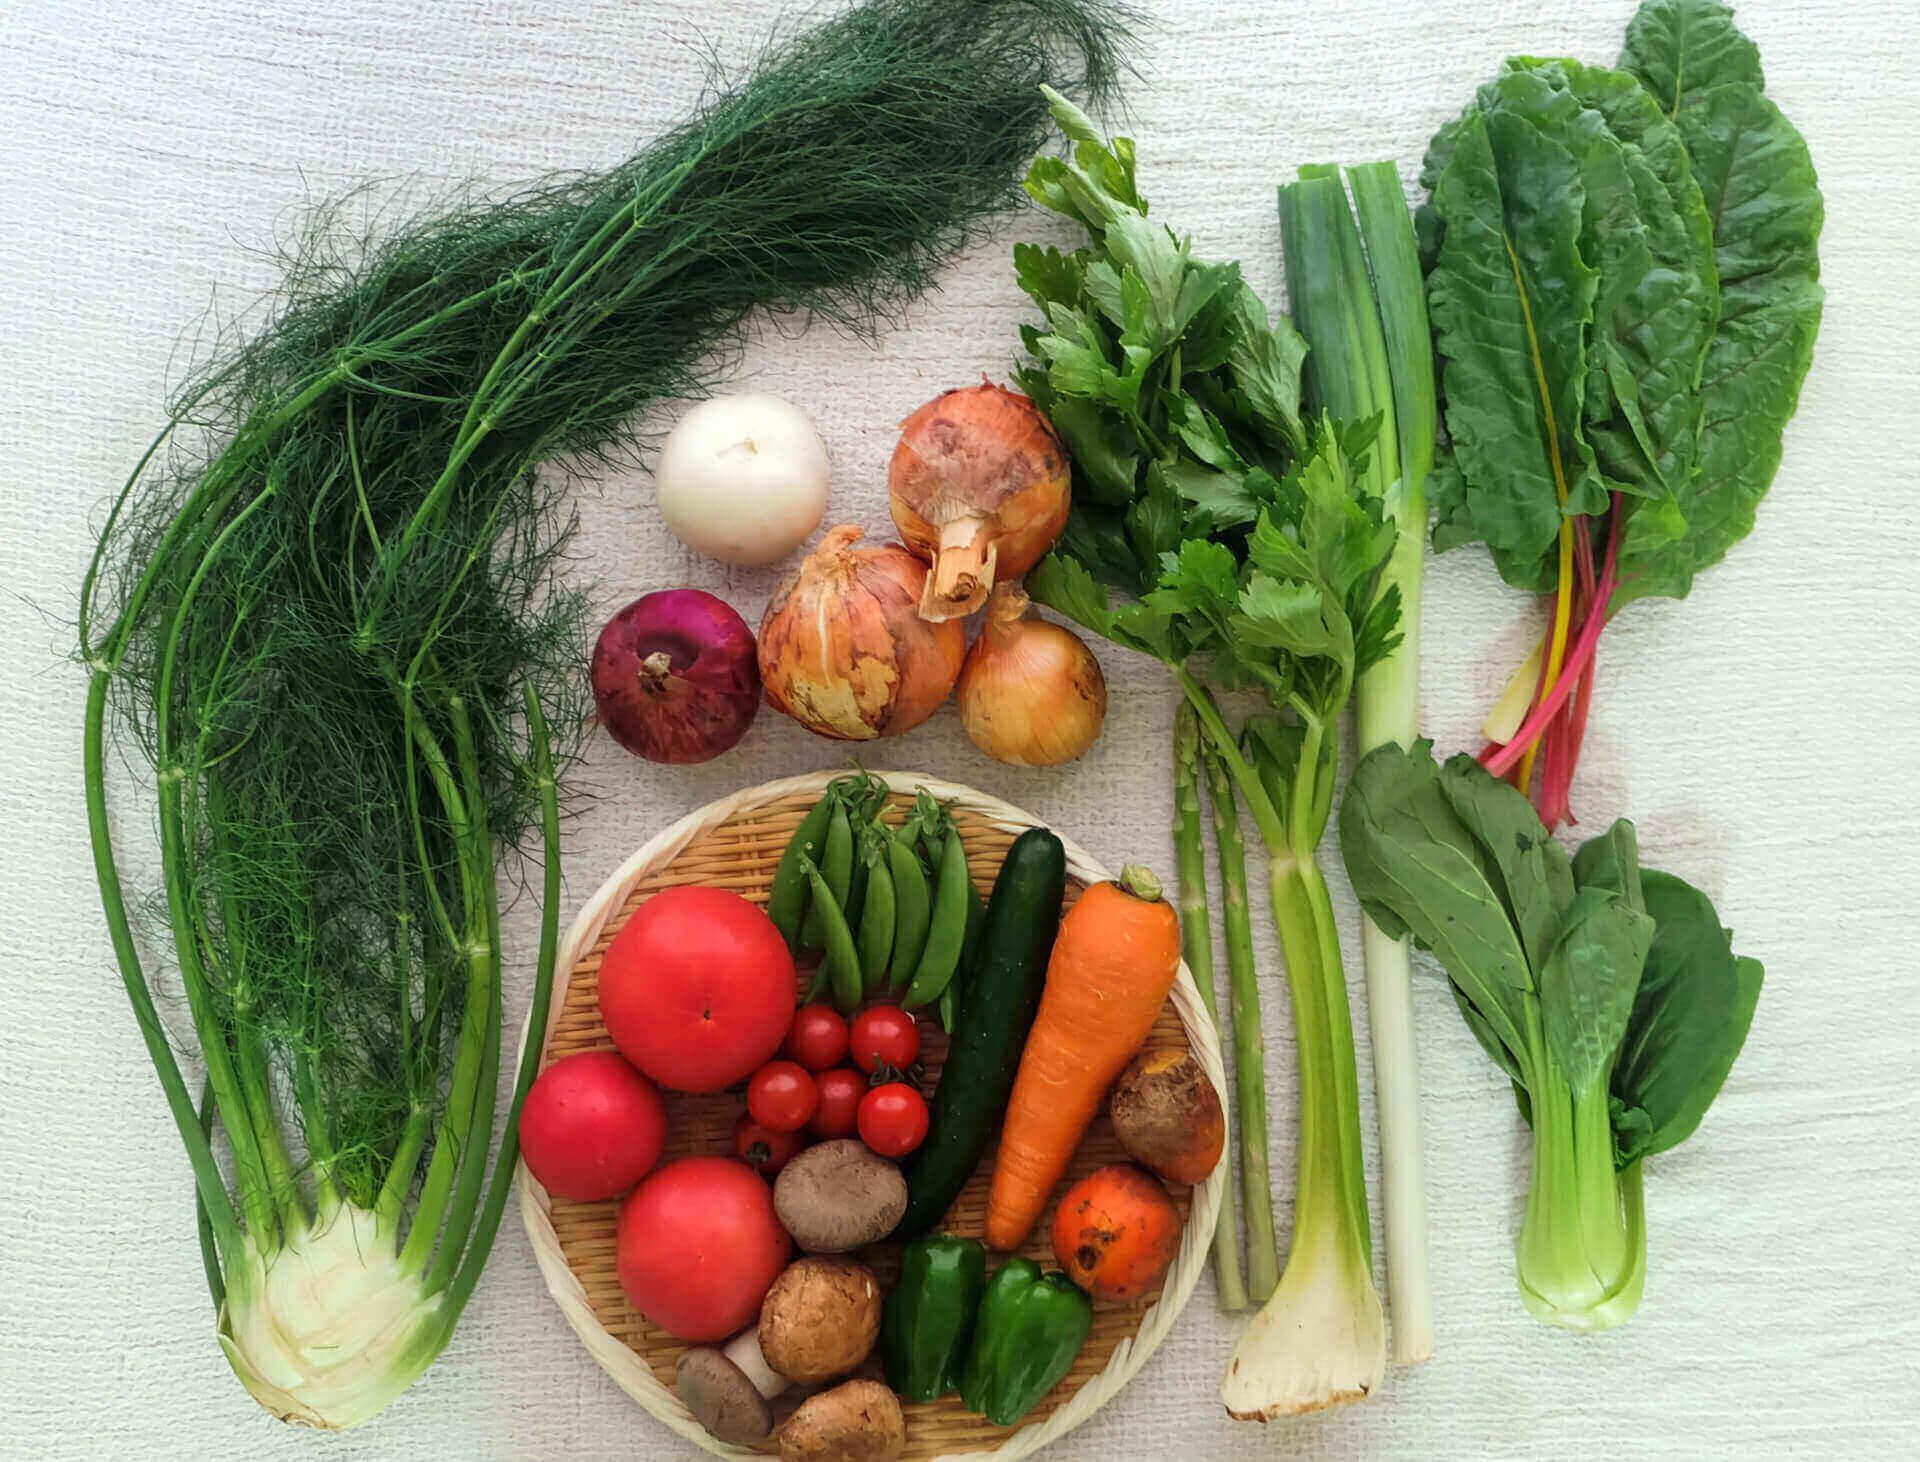 野菜をたくさん摂りたい人のための、一人暮らしの献立1週間